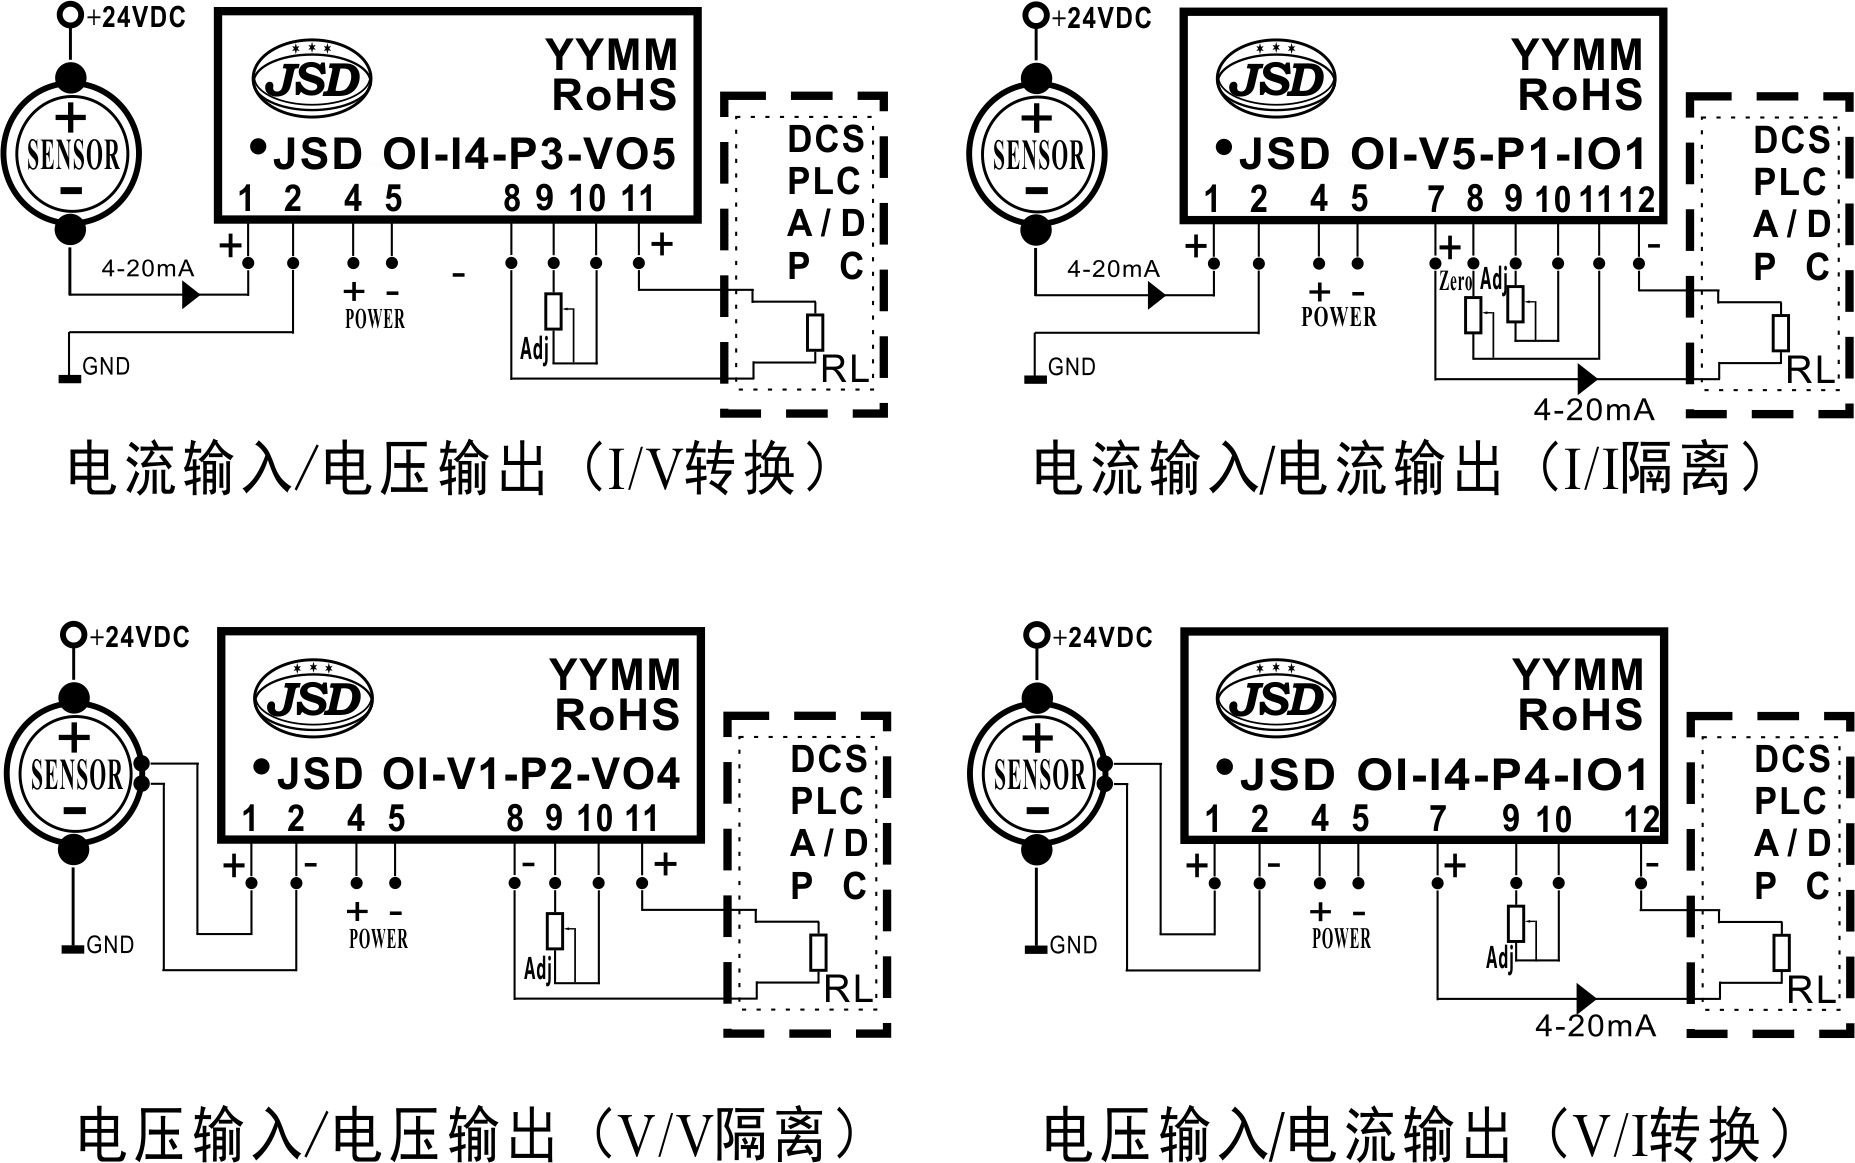 类型:隔离放大器 日期:7/24/2012 2:04:54 PM 点击:179 JSD OI 系列 直流电压/电流信号光电隔离放大器模块IC 产品特征:  低成本、小体积,SIP封装符合UL94-V0阻燃标准  只需外接多圈电位器即可实现零点和增益调节  工作电源、信号输入、信号输出间2500VDC三隔离  工作电源:5VDC,12VDC,15VDC,24VDC等单电源供电  0~5V/0~10V/1~5V/0~20mA/0~10mA/4~20mA/等电压电流信号之间的相互转换及放大  精度等级